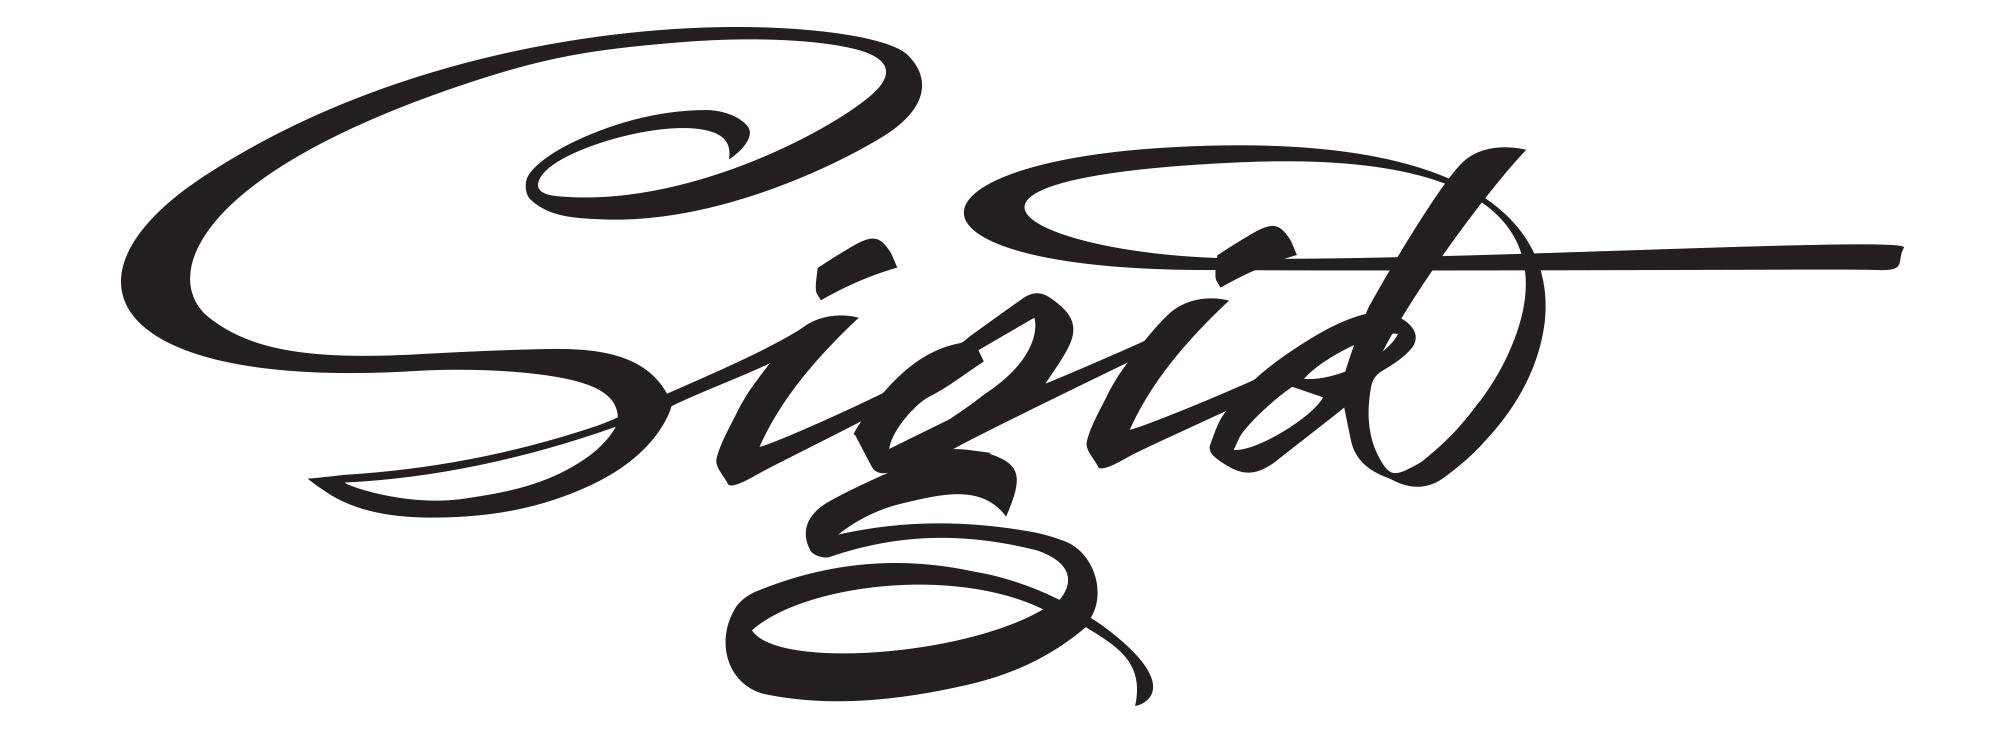 MSIGID MIKO's Signature